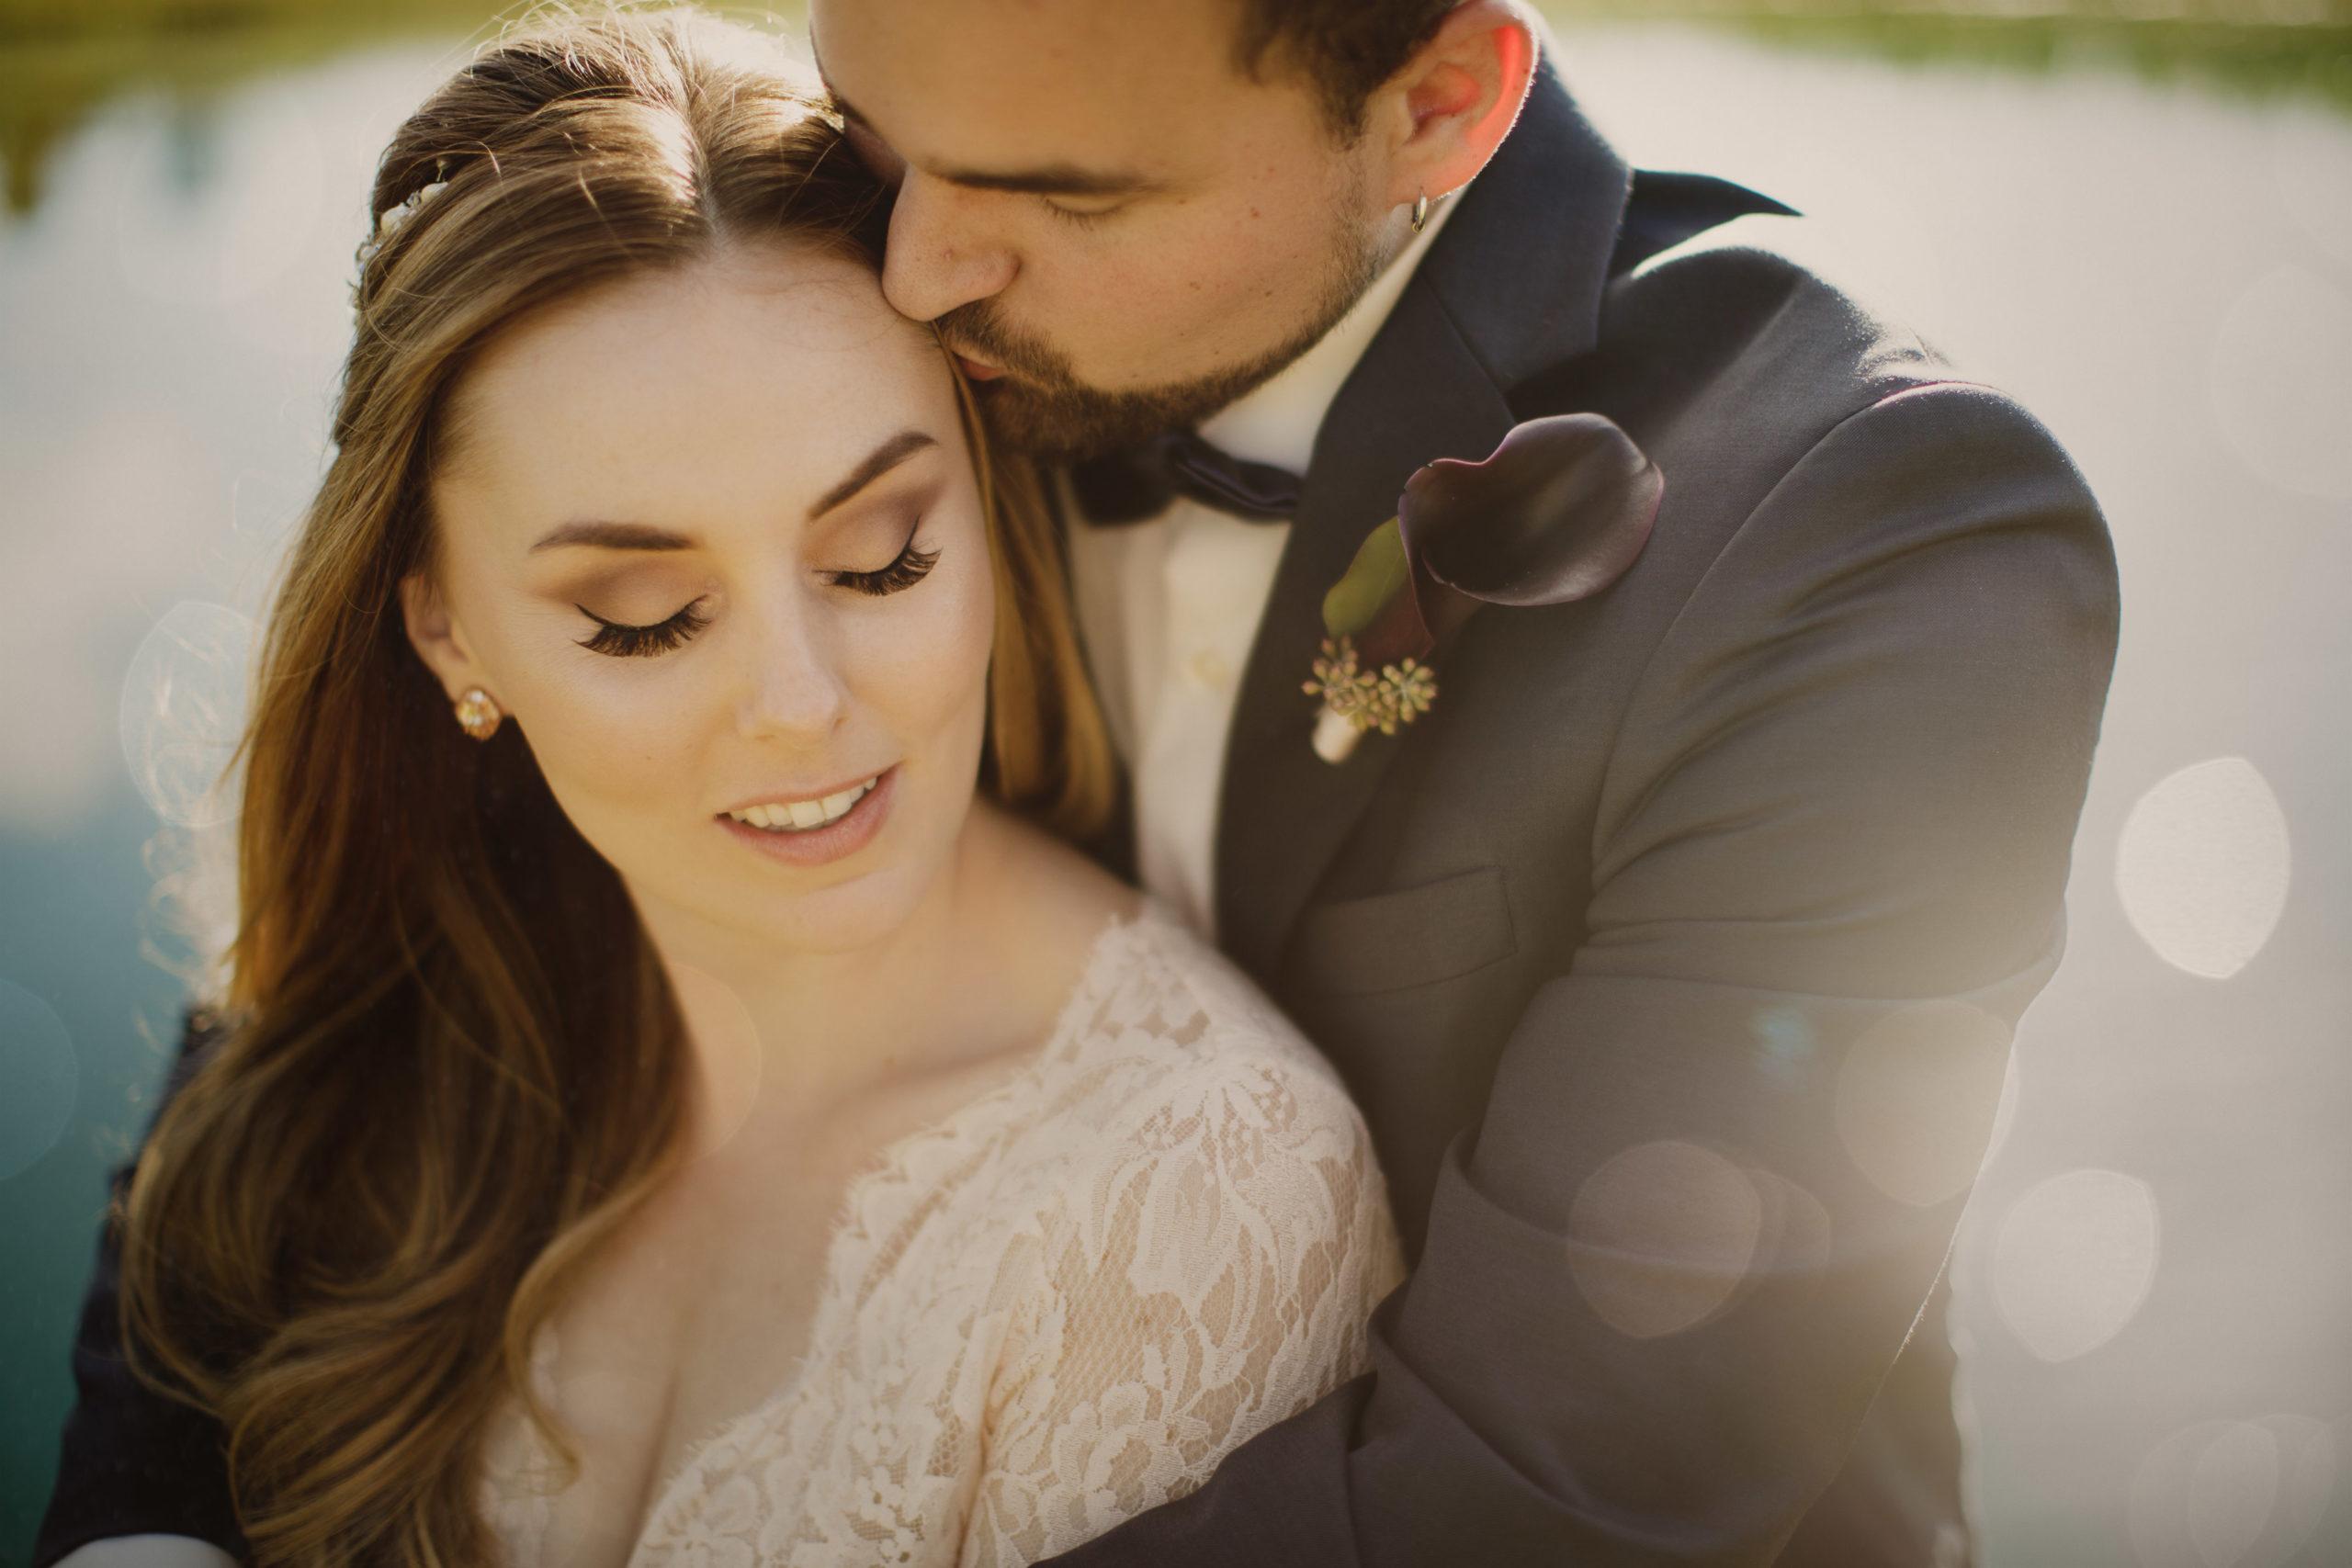 niagara water romance wedding photographer closeup